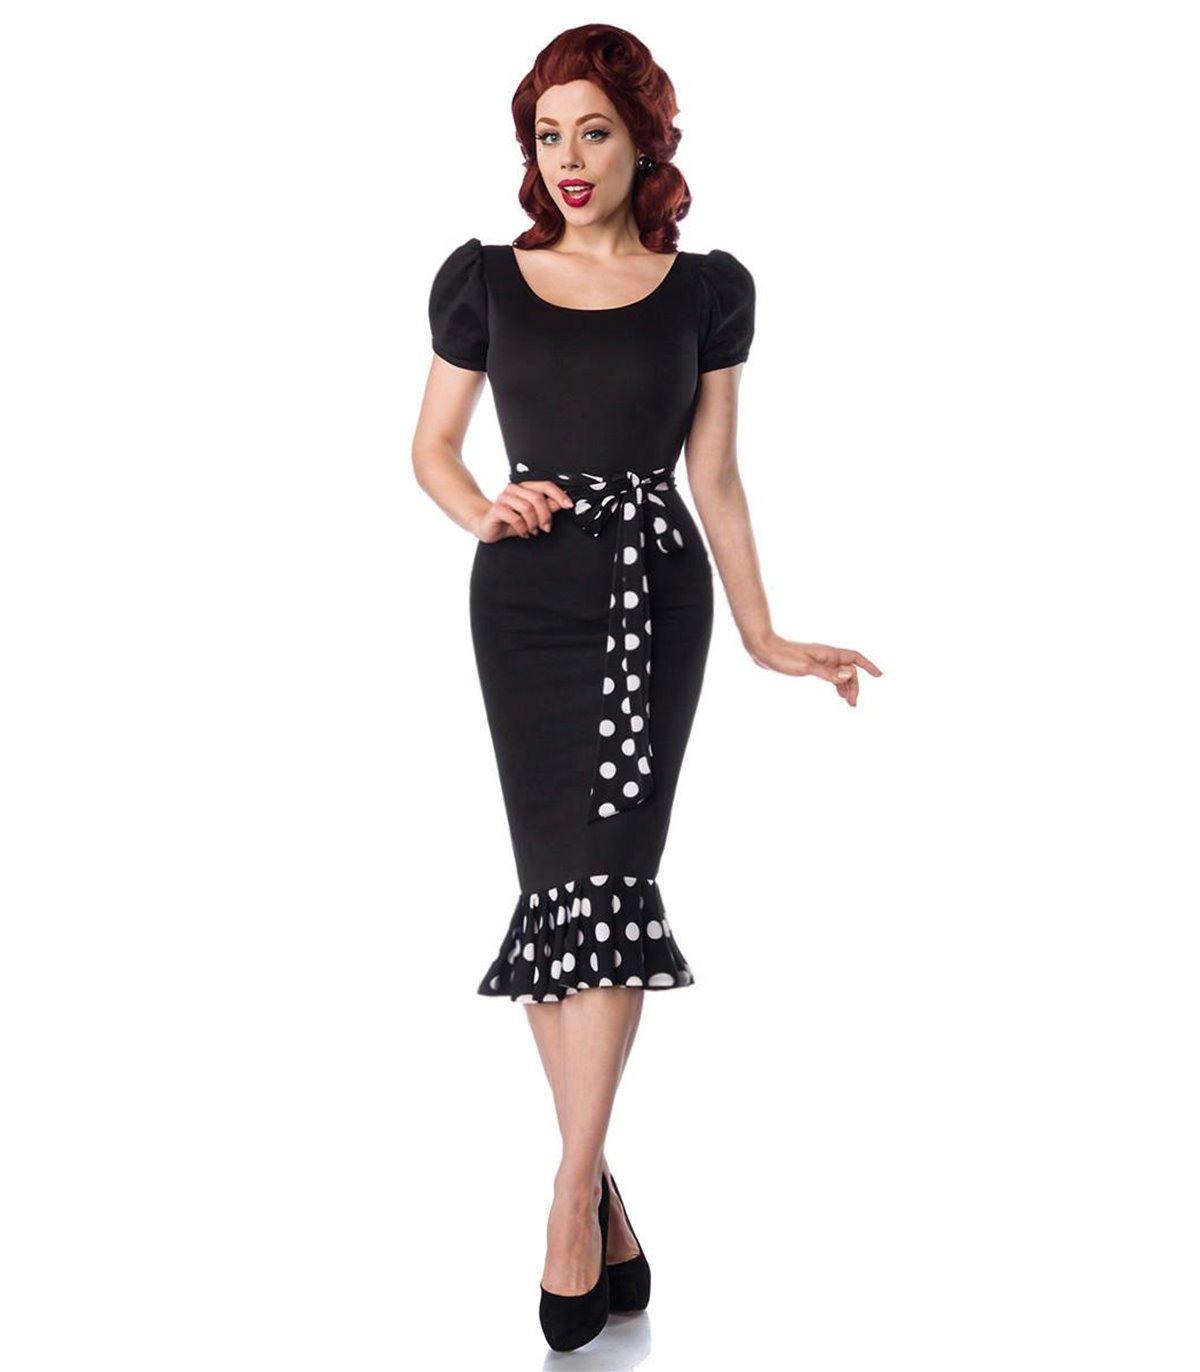 Belsira Jerseykleid Mit Puffärmeln Schwarz/Weiß Online Kaufen